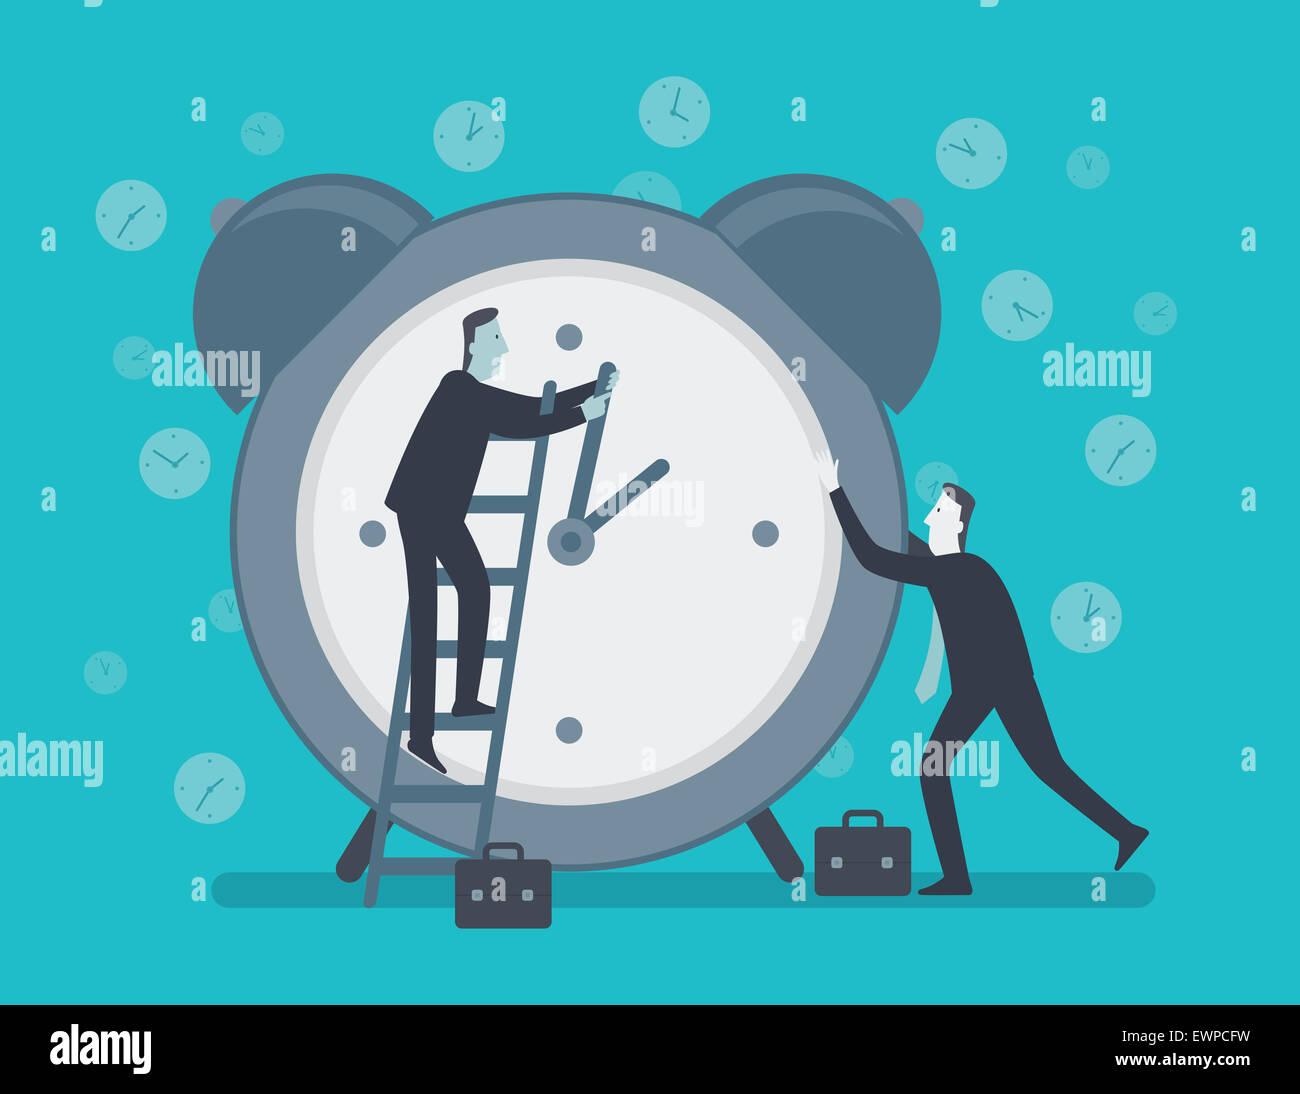 Imagen conceptual que representa los empresarios intentando detener el tiempo Imagen De Stock